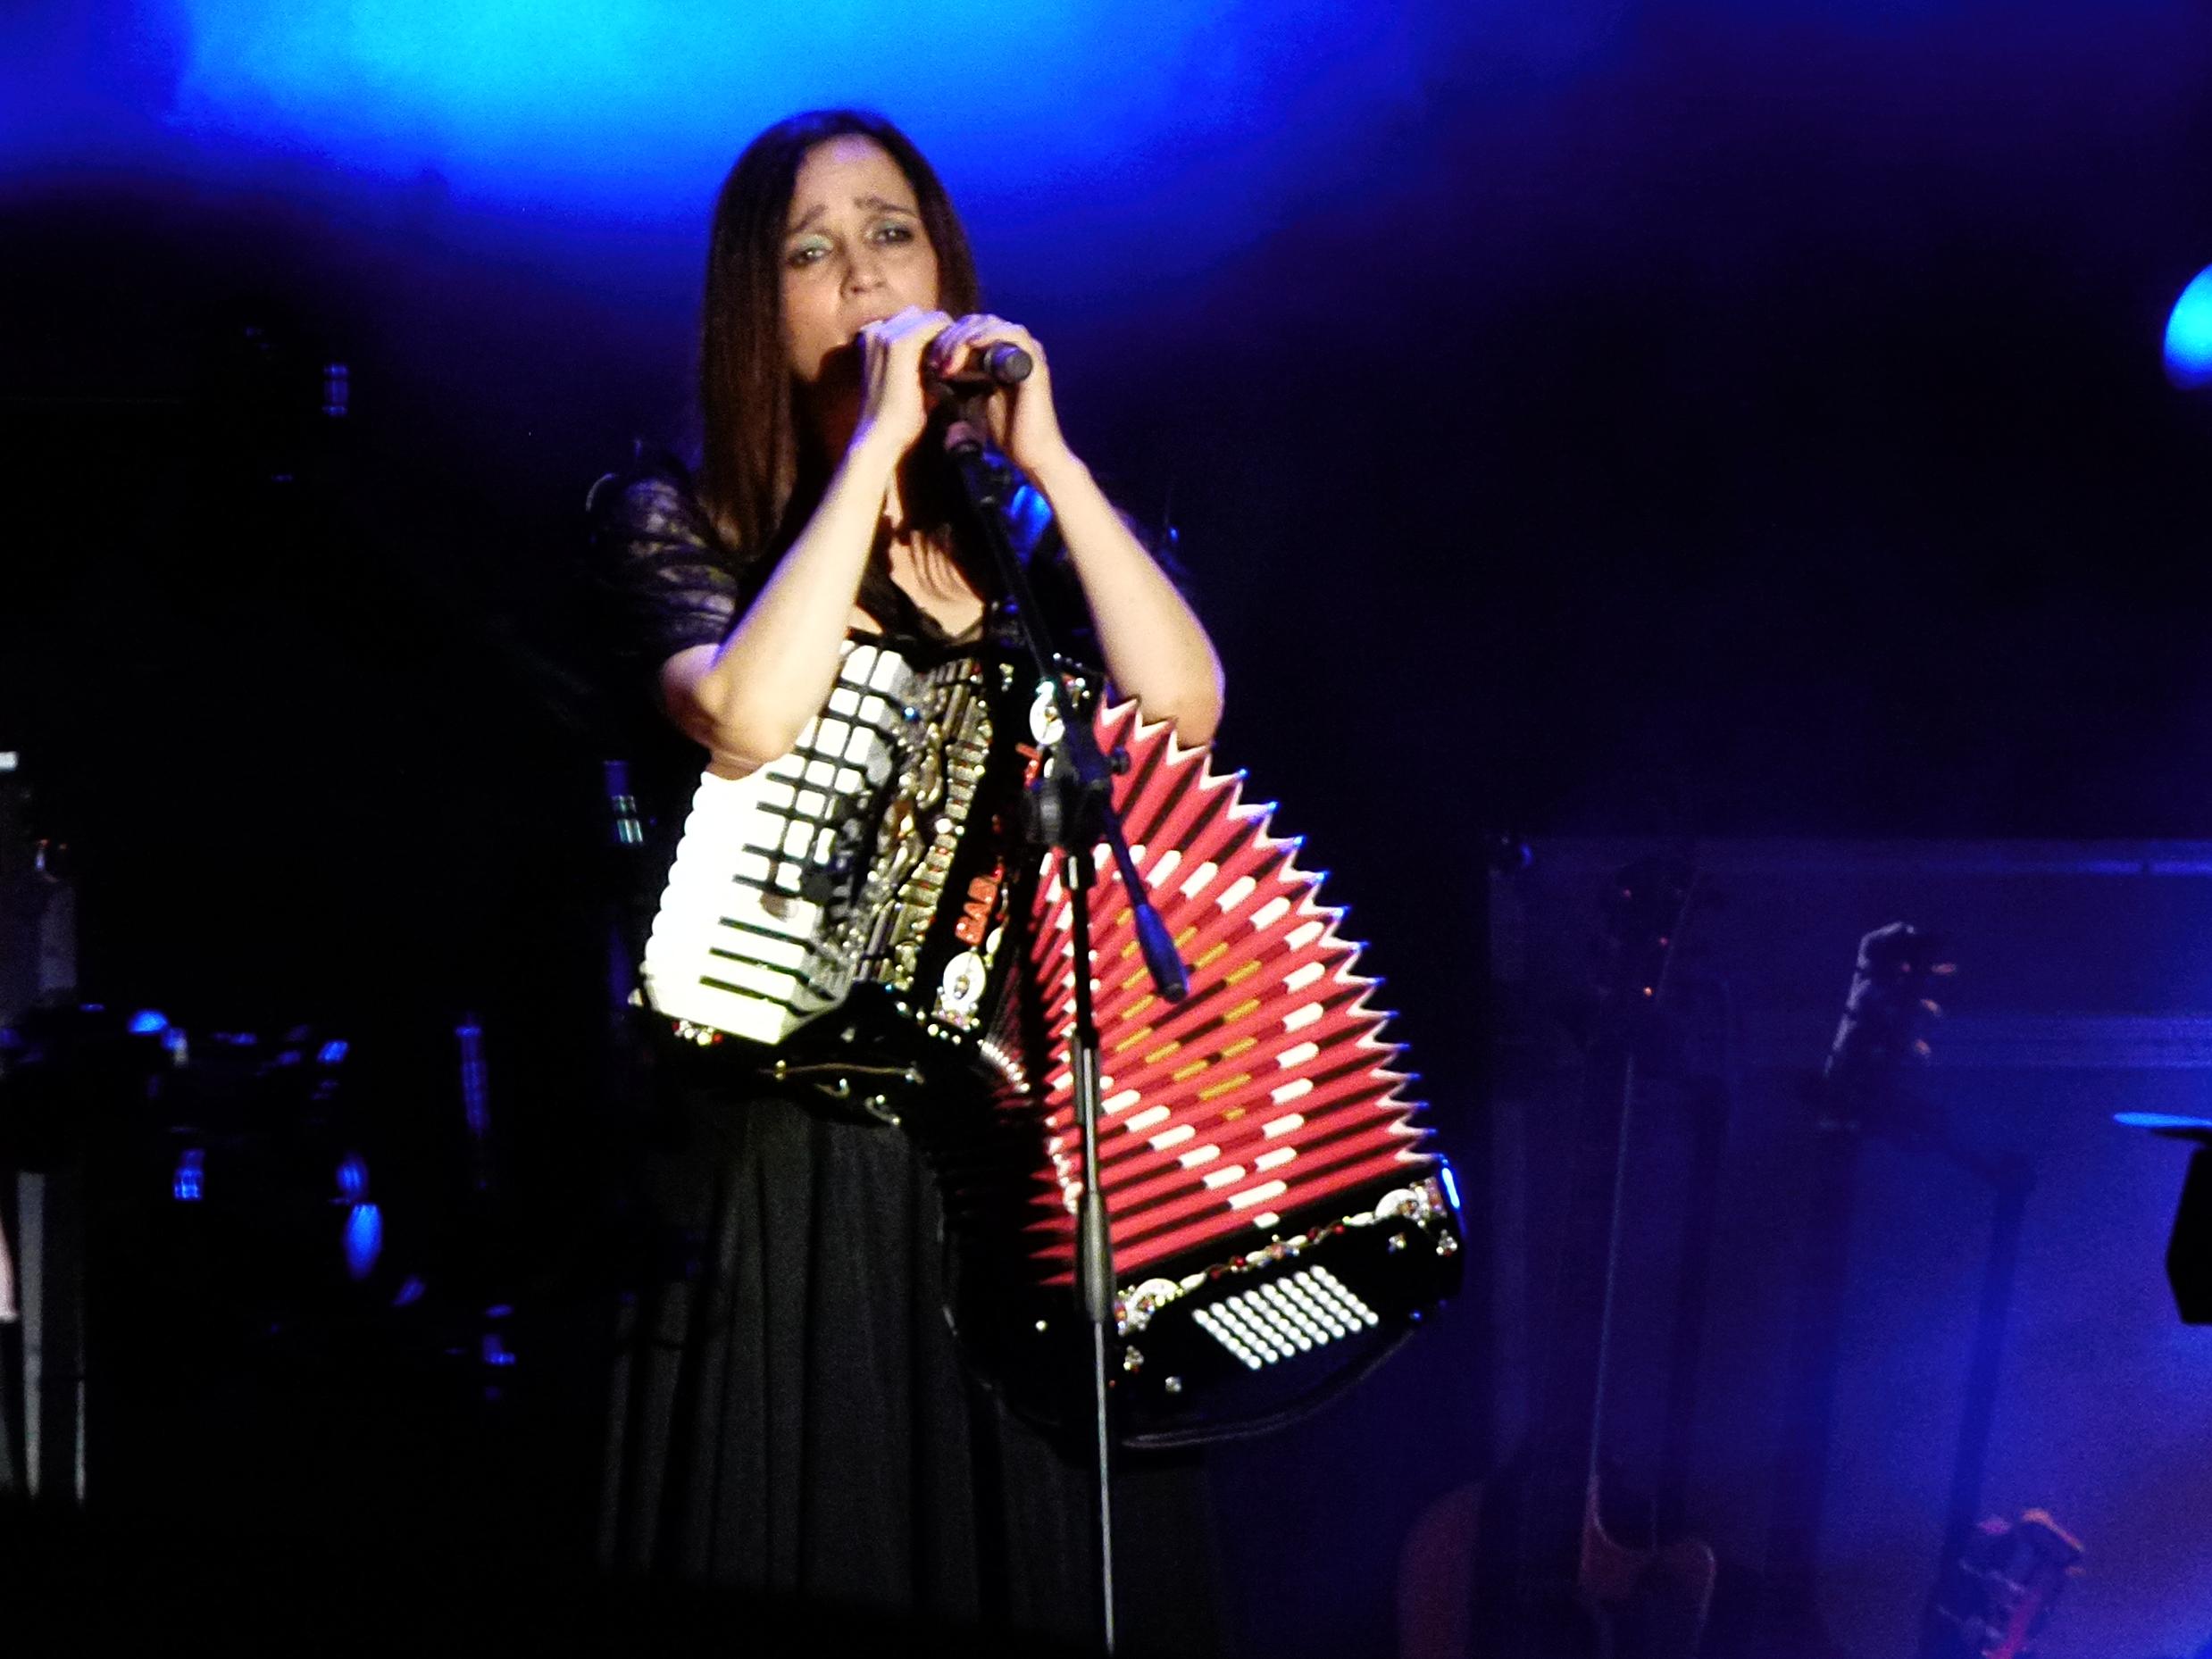 Presentación de Julieta Venegas en 2012 en la Noche de las Librerías en Buenos Aires, Argentina.